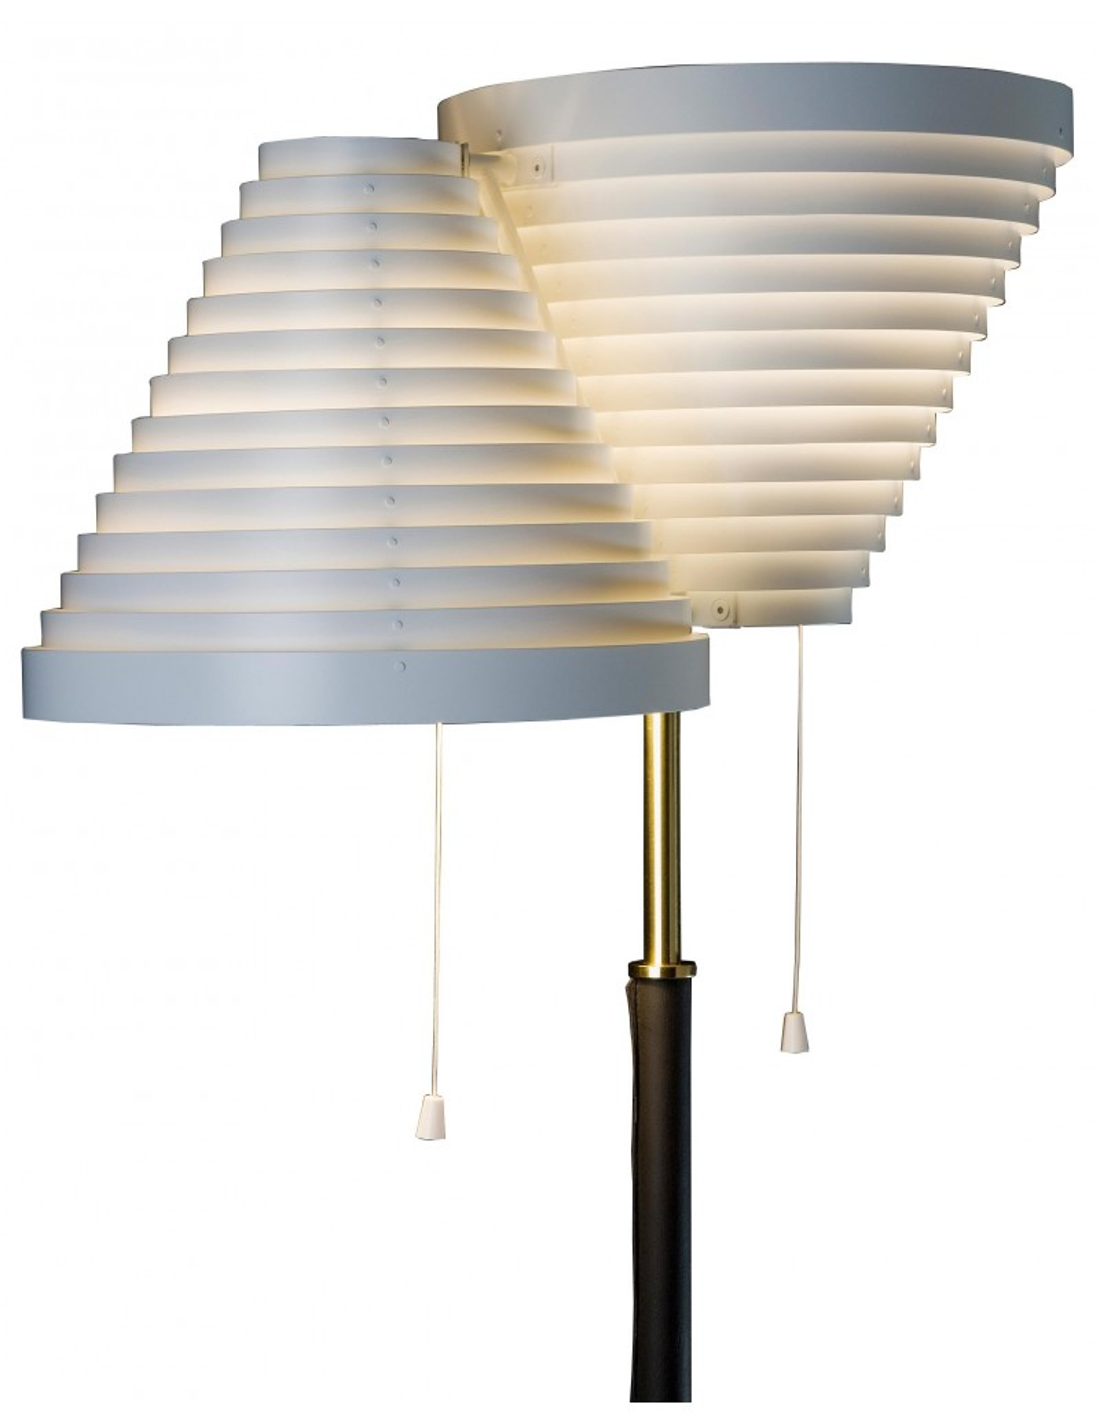 A810 floor lamp by Alvar Aalto for Artek - La boutique danoise